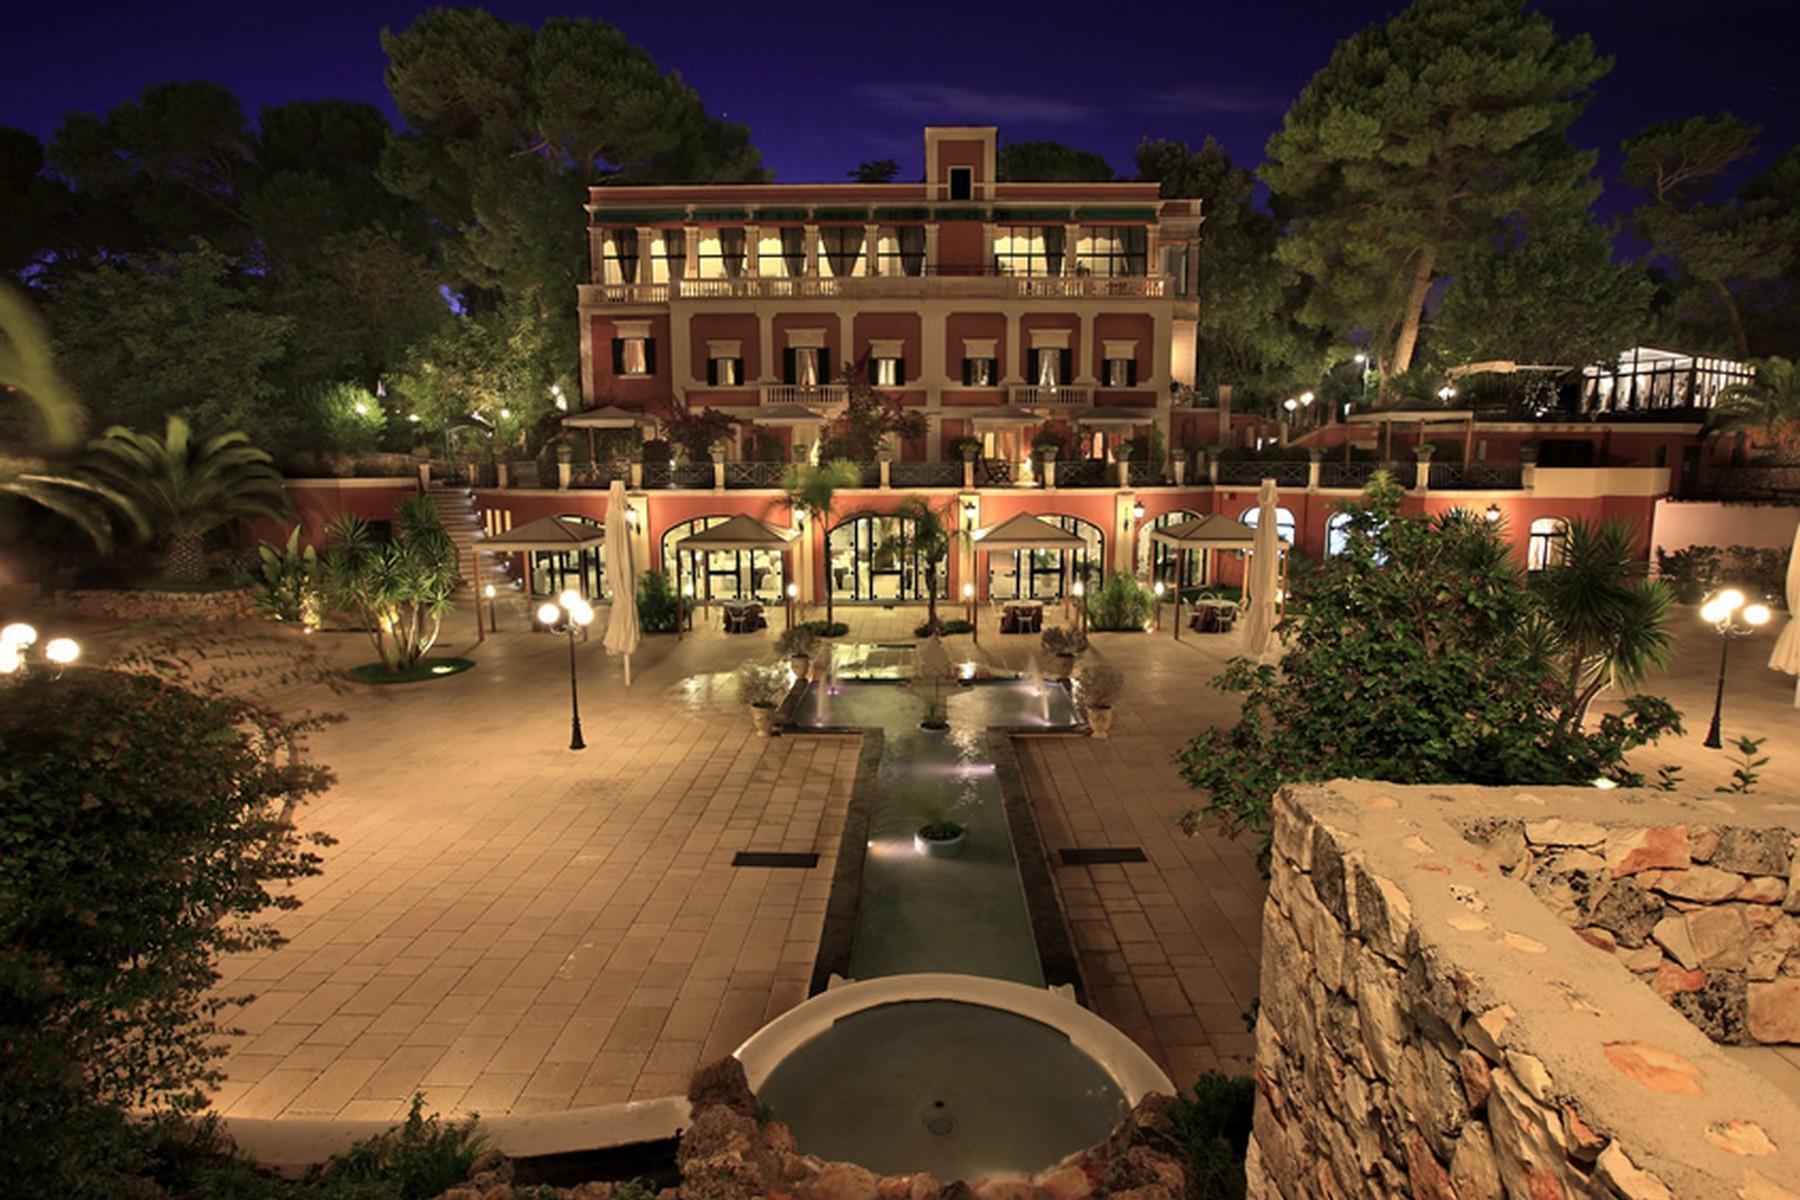 Bellissima residenza nobiliare con giardino e piscina - 2